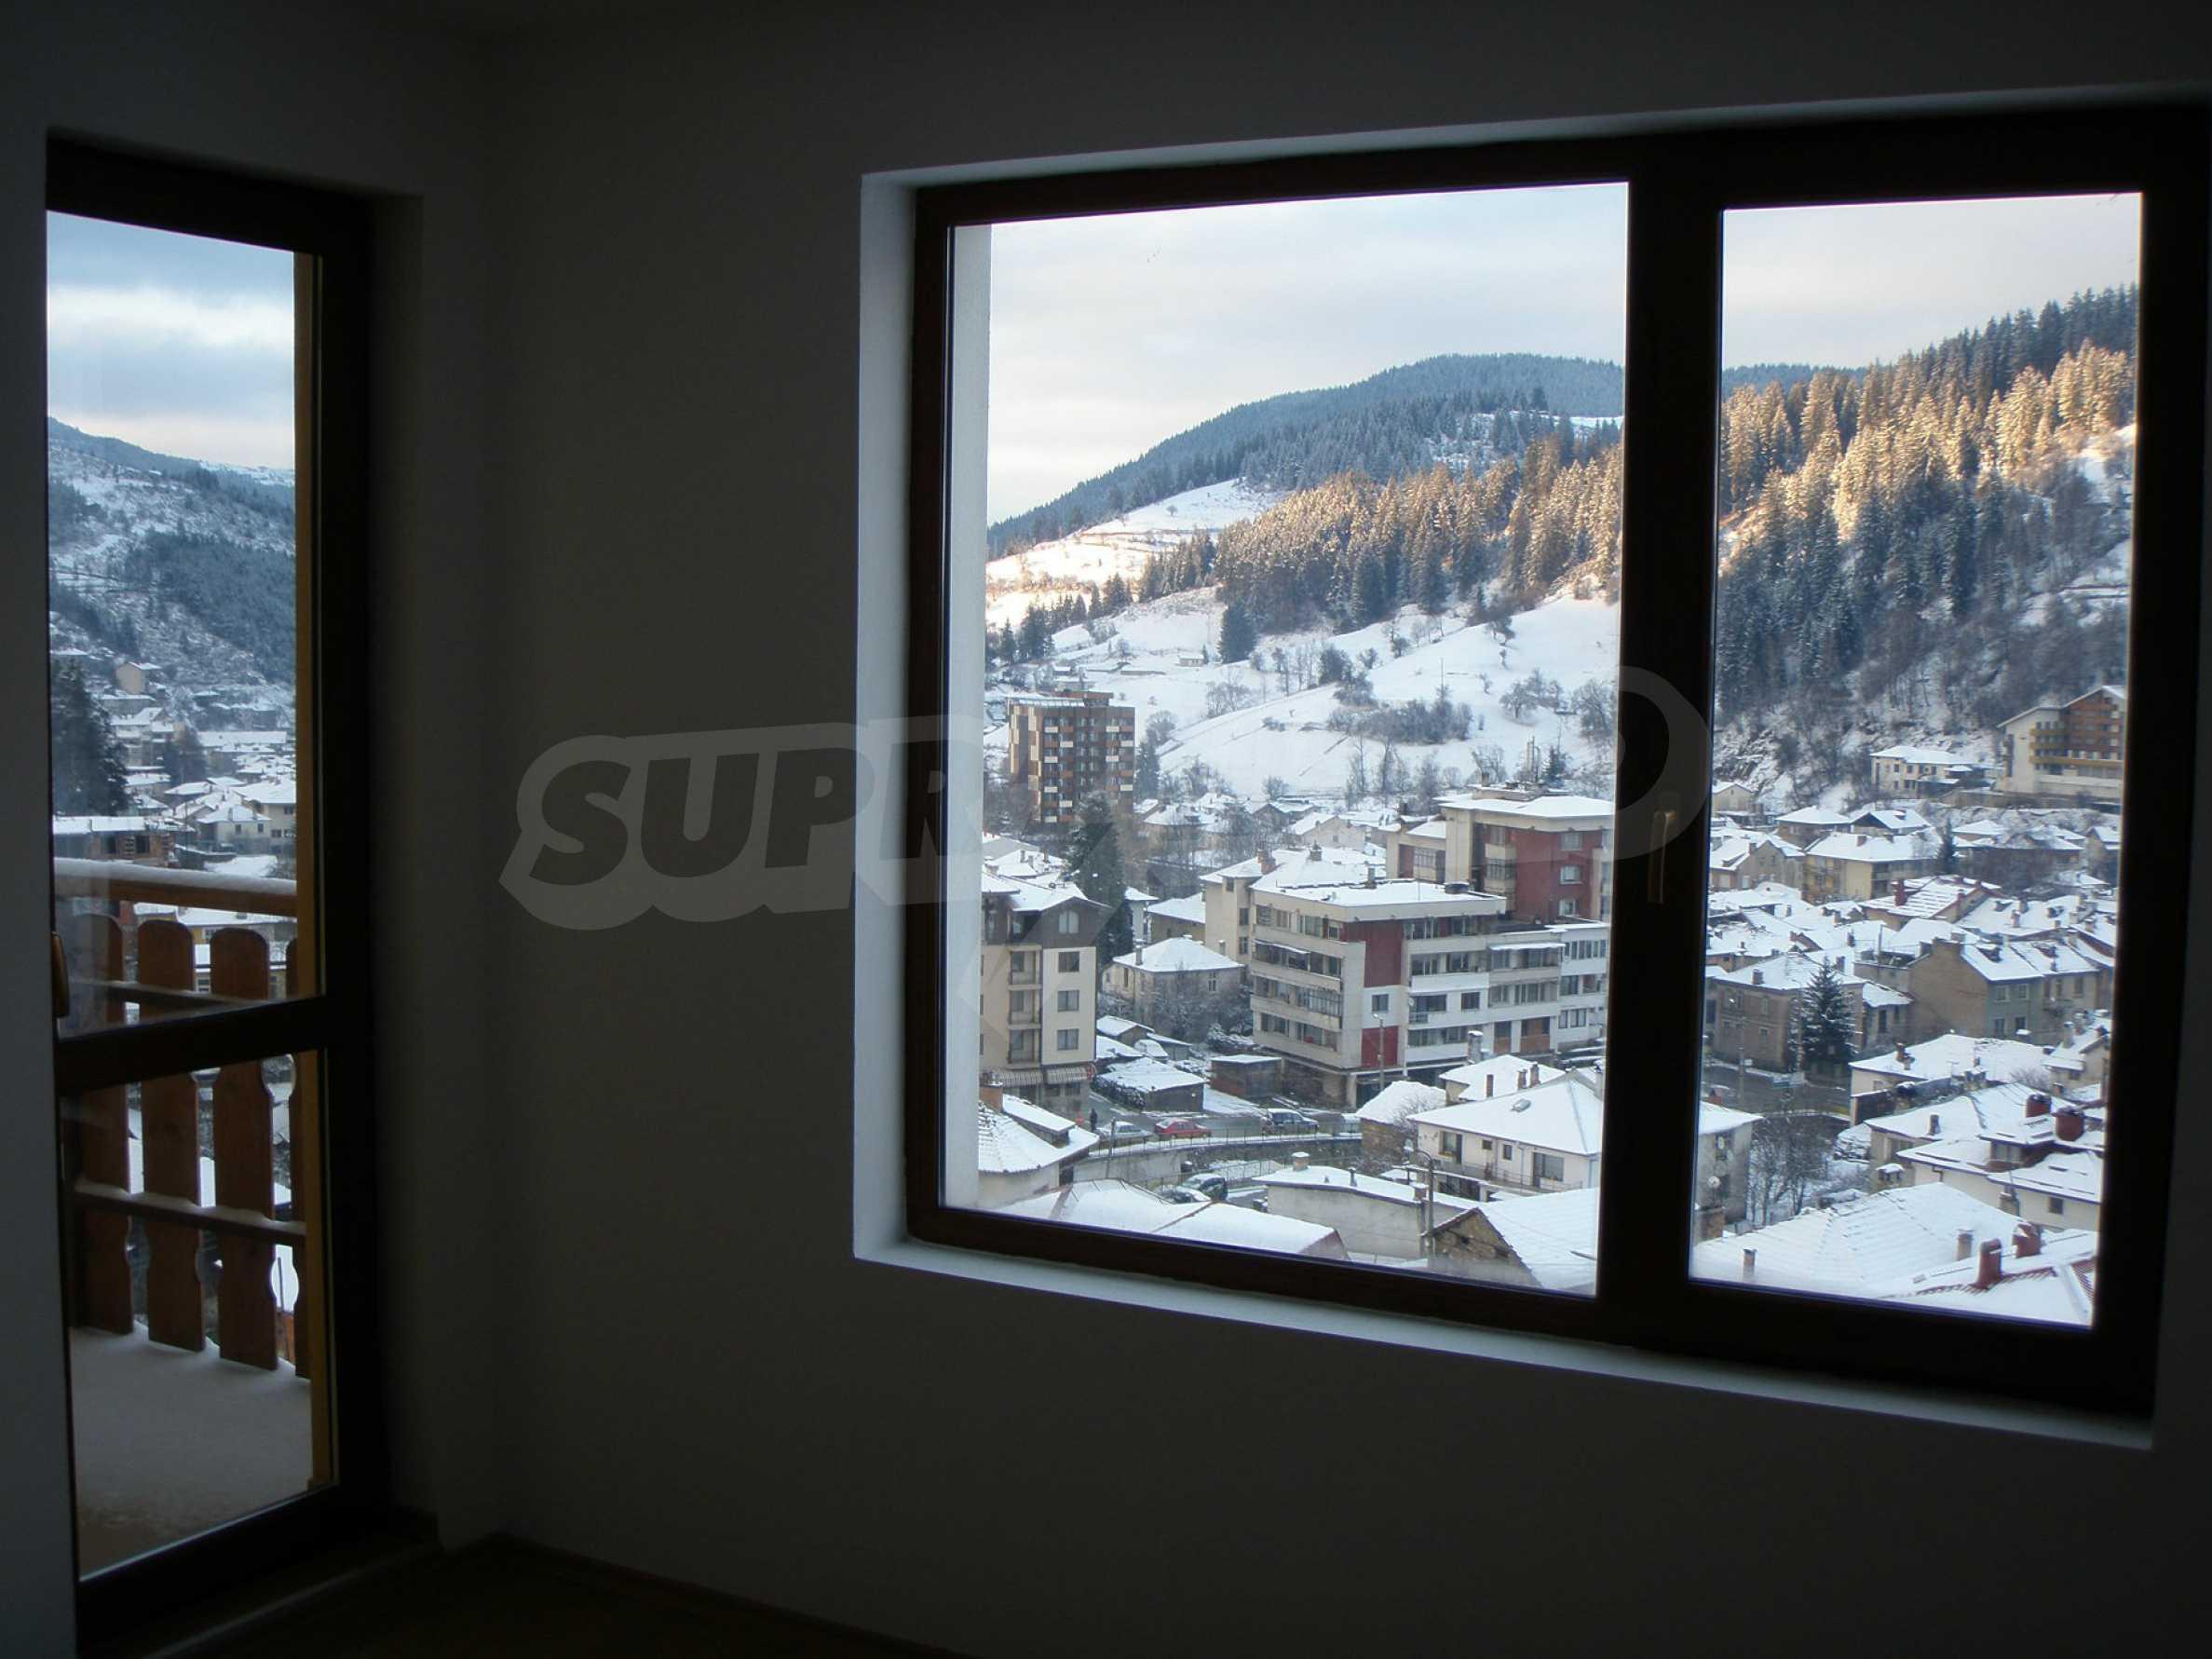 Ваканционни апартаменти без такса поддръжка, на 5 мин от ски писта в Чепеларе 15